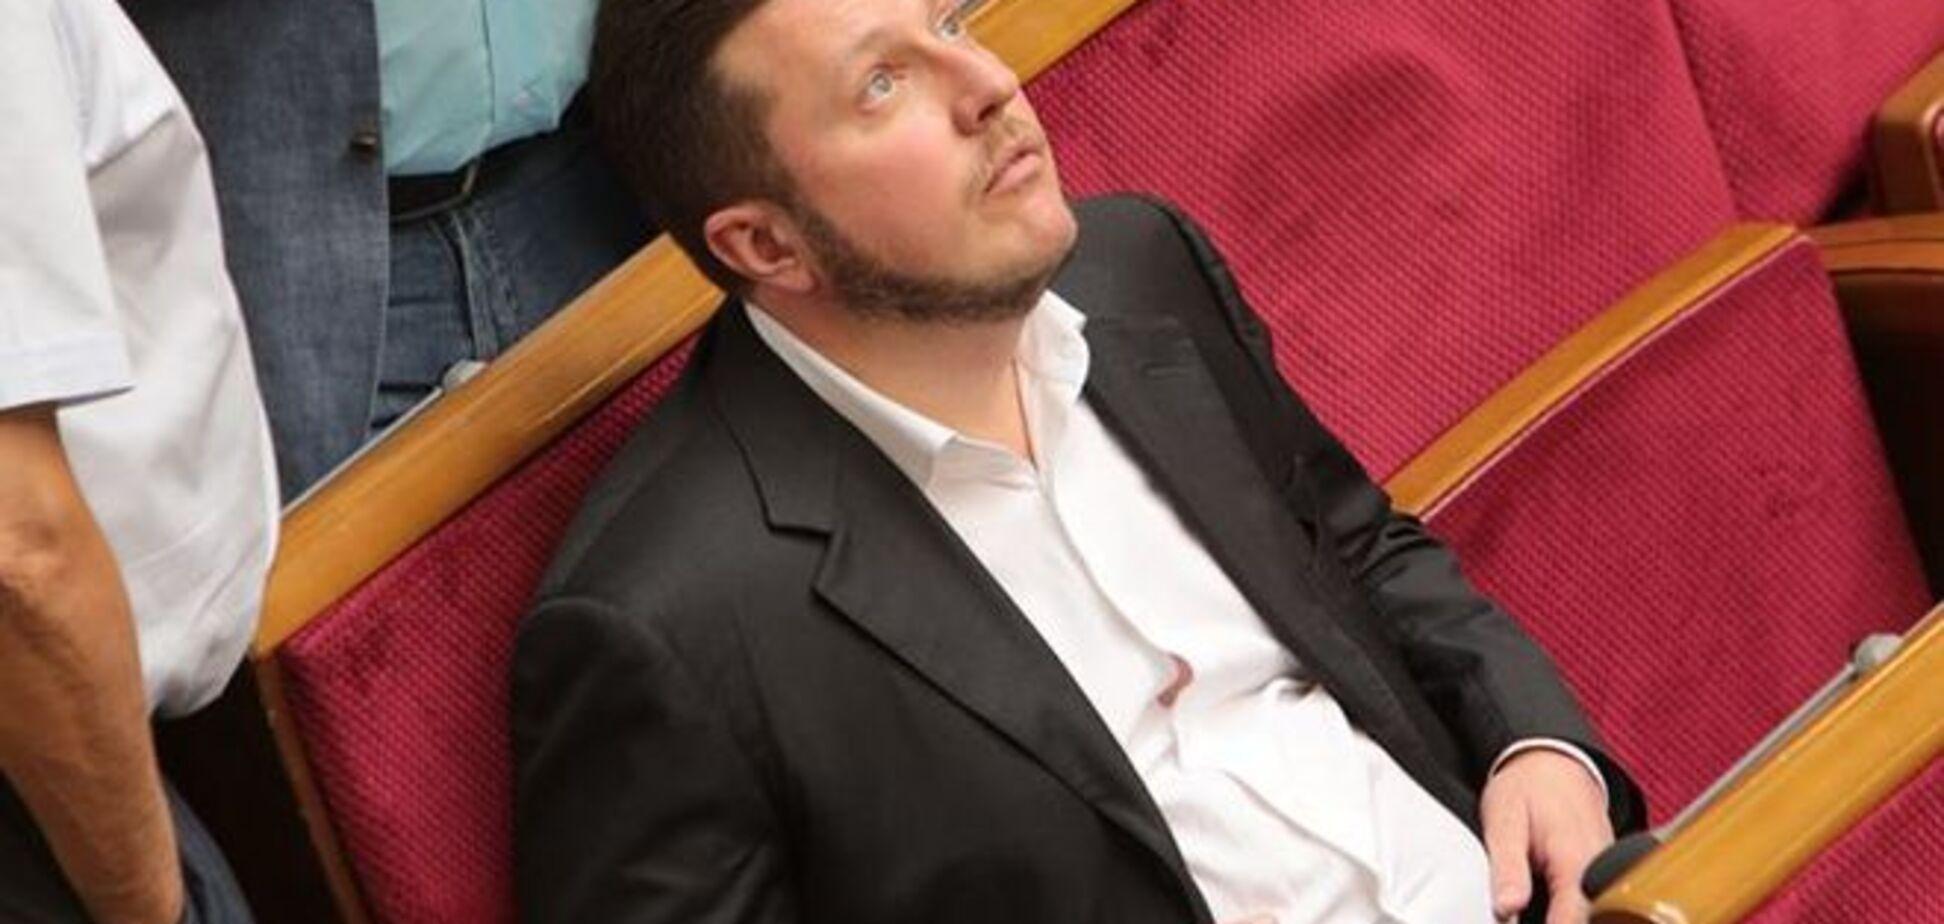 Нардеп Яценко 'плевал в потолок' в зале Рады: фотофакт